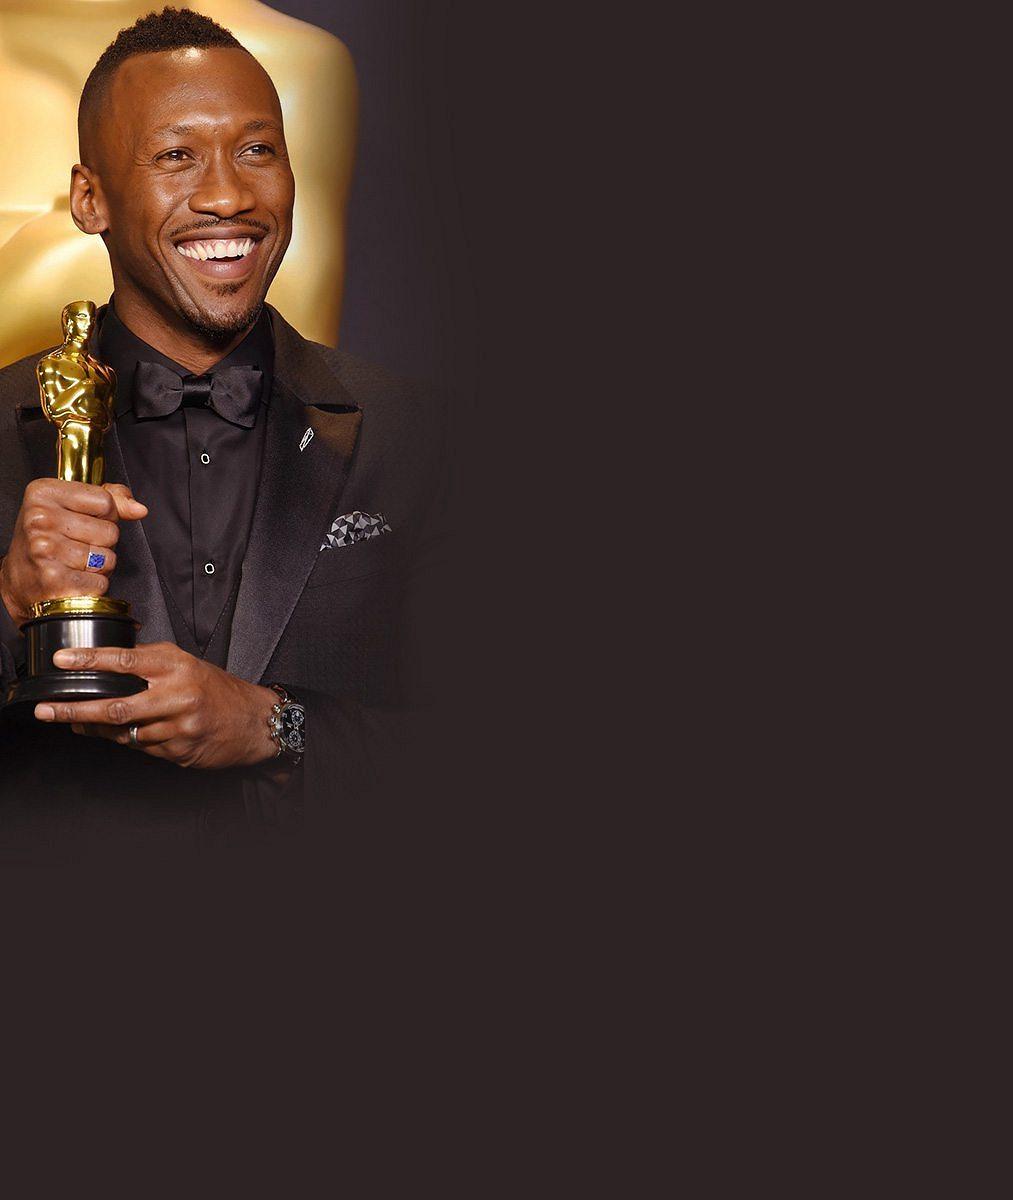 Tohle skrýval pod oblekem? Čerstvý držitel Oscara má naprosto famózní tělo!